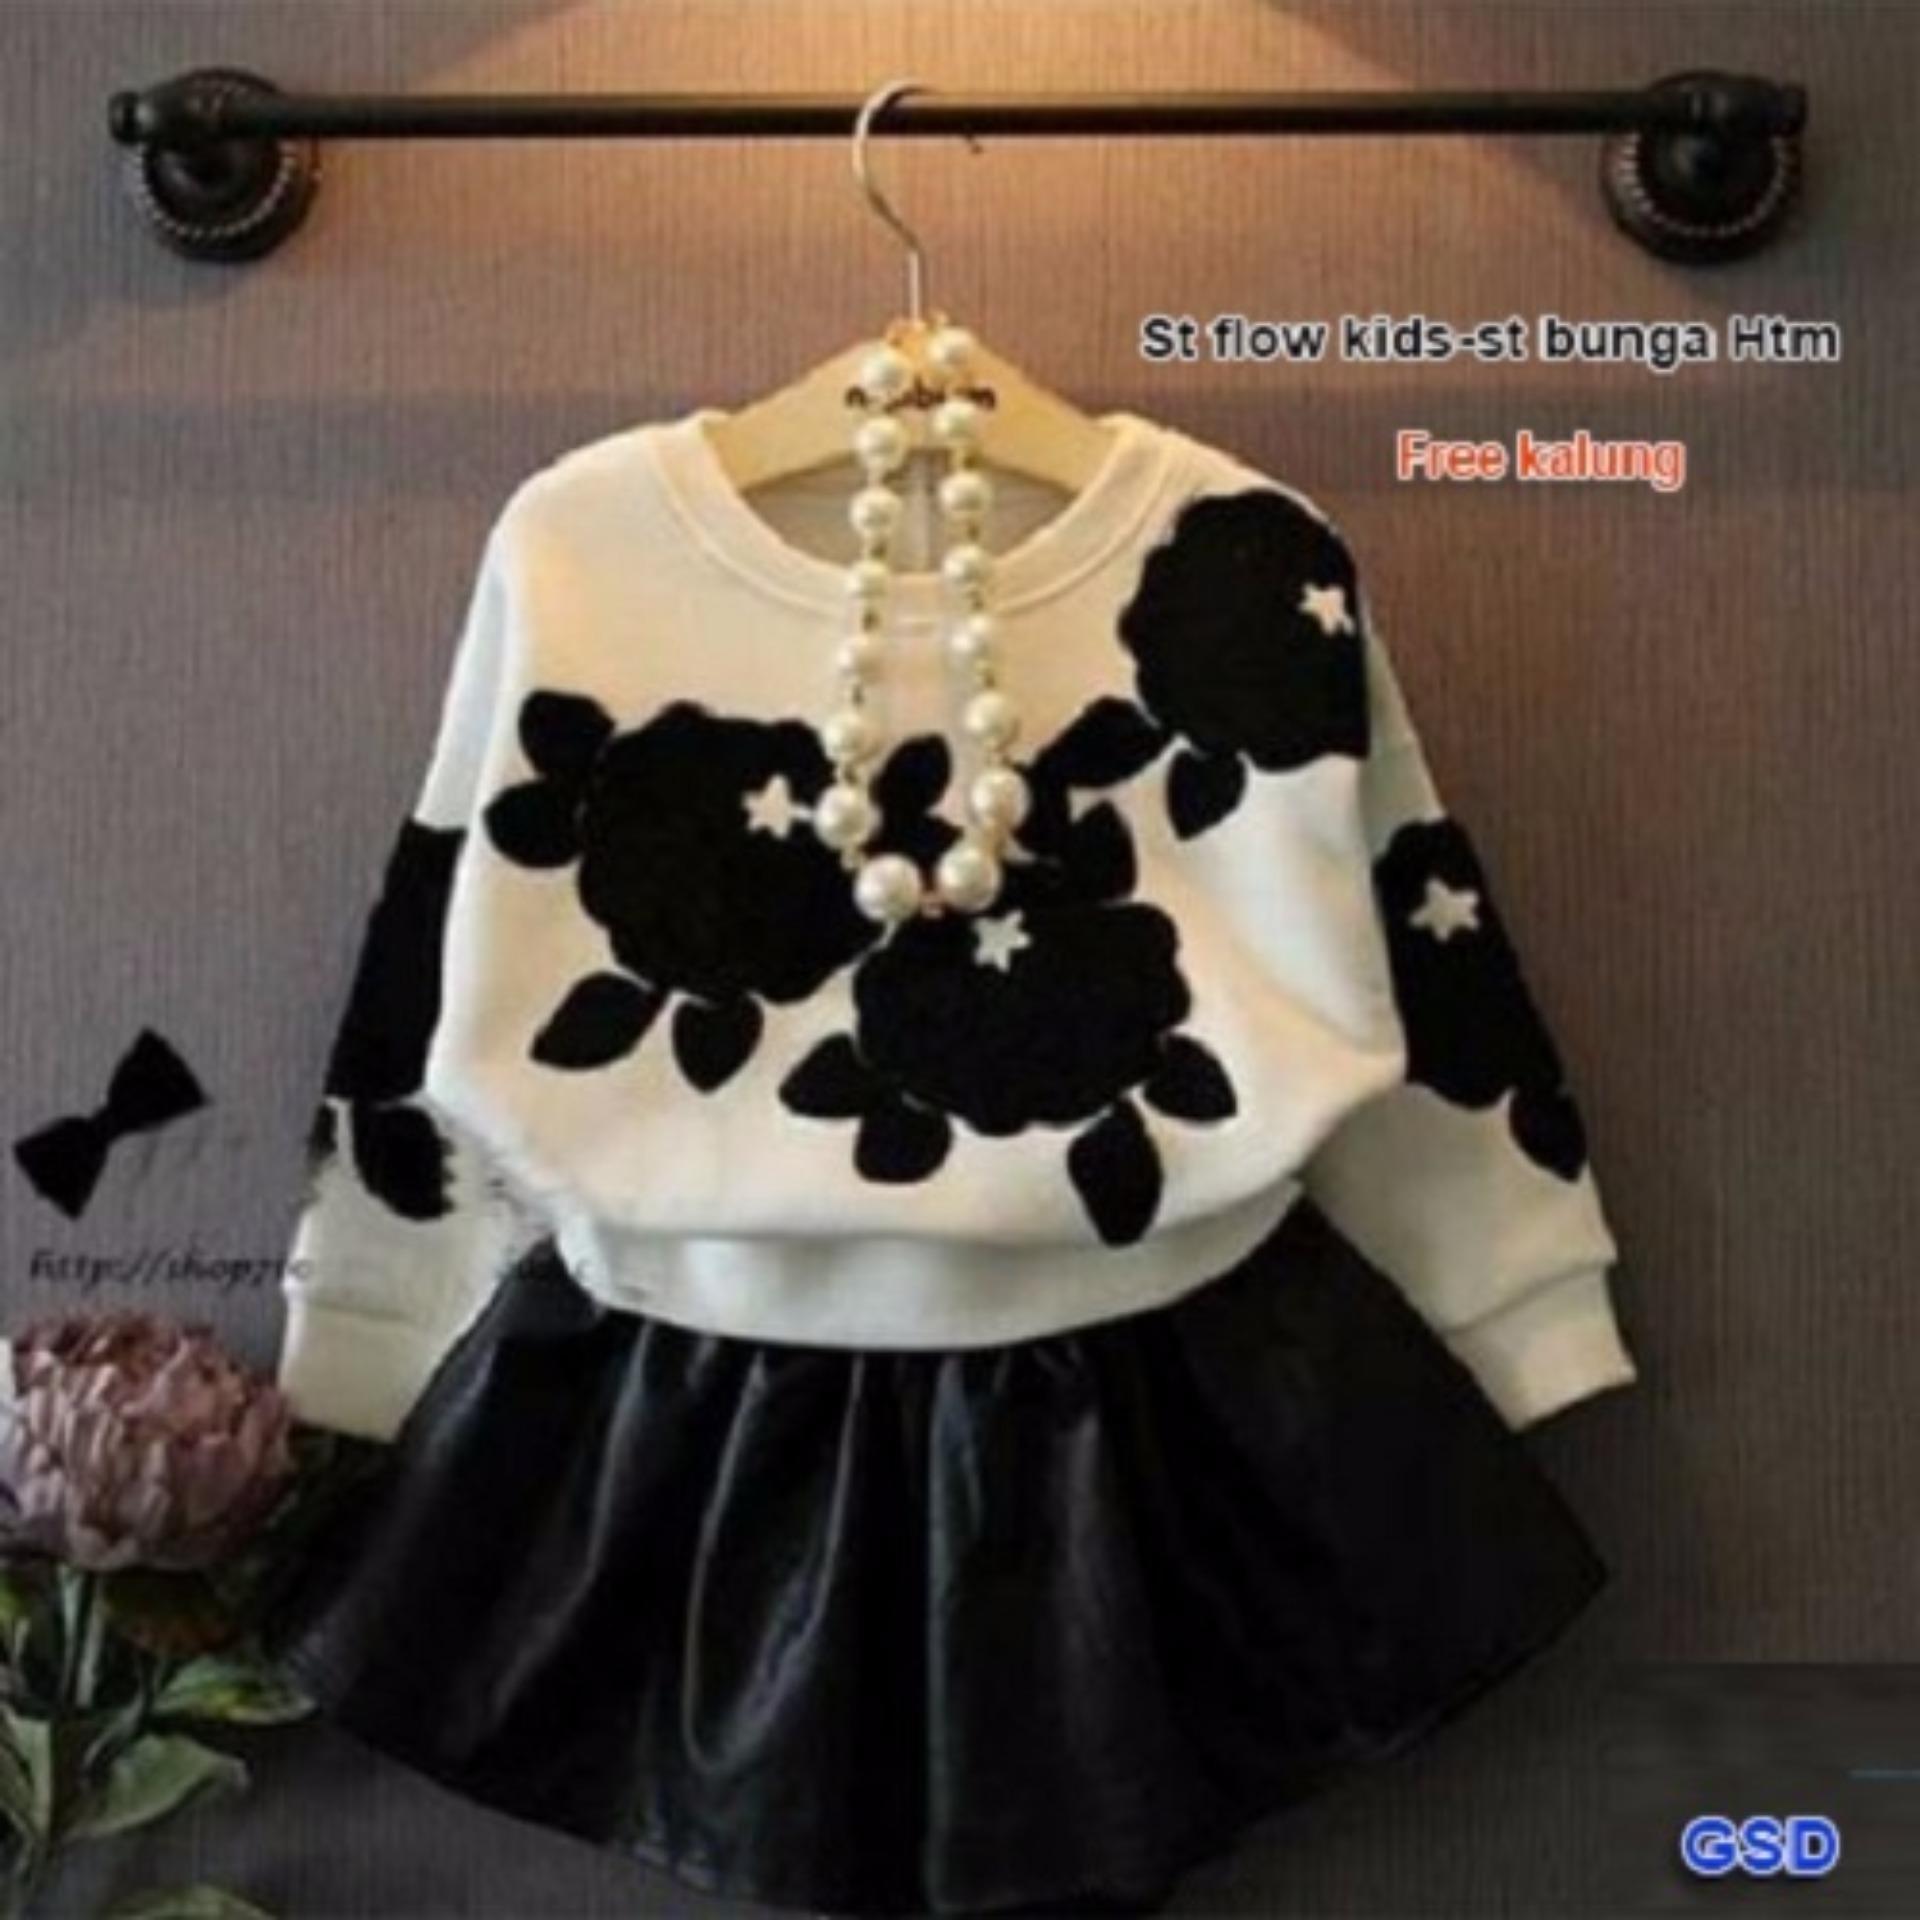 GSD - Setelan Baju dan Rok Anak / St Bunga Hitam